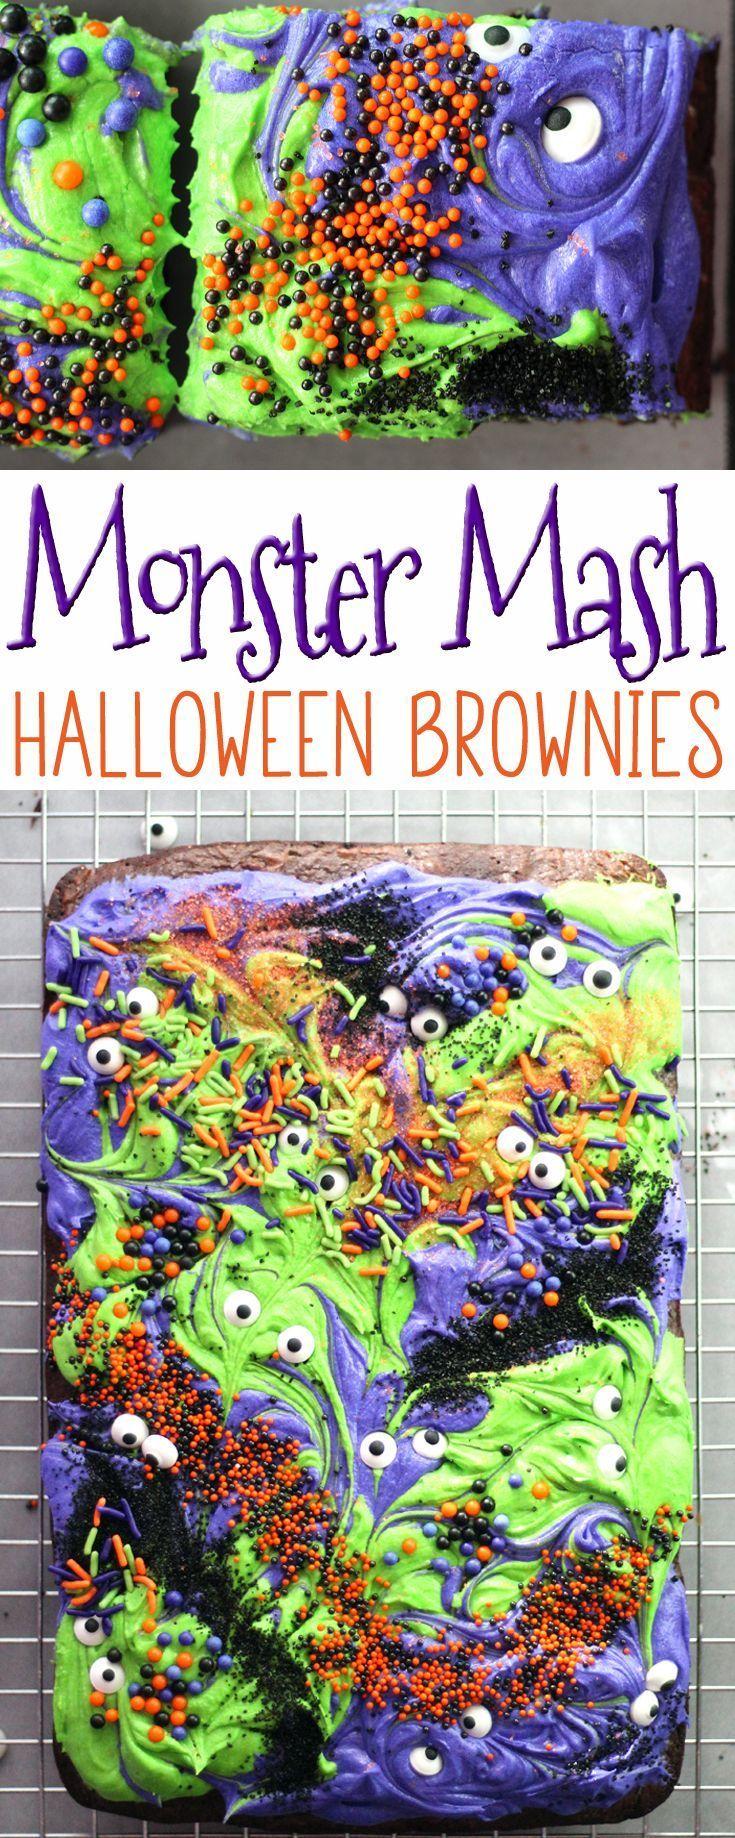 Monster Mash Halloween Brownies #halloween